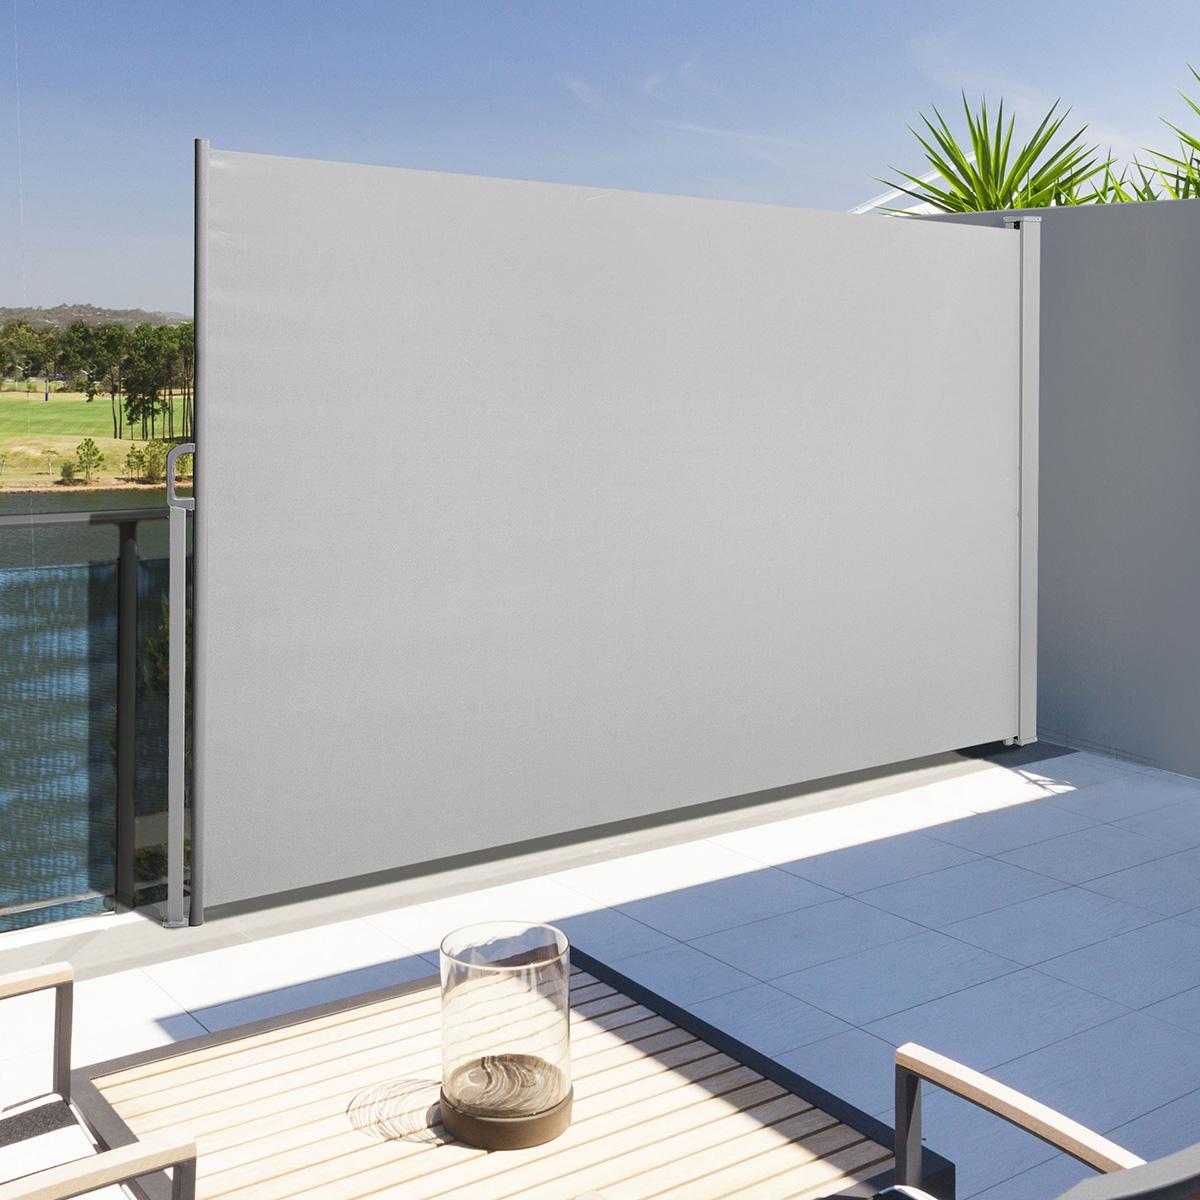 Gartenfreude Seitenmarkise 190 X 300 Cm